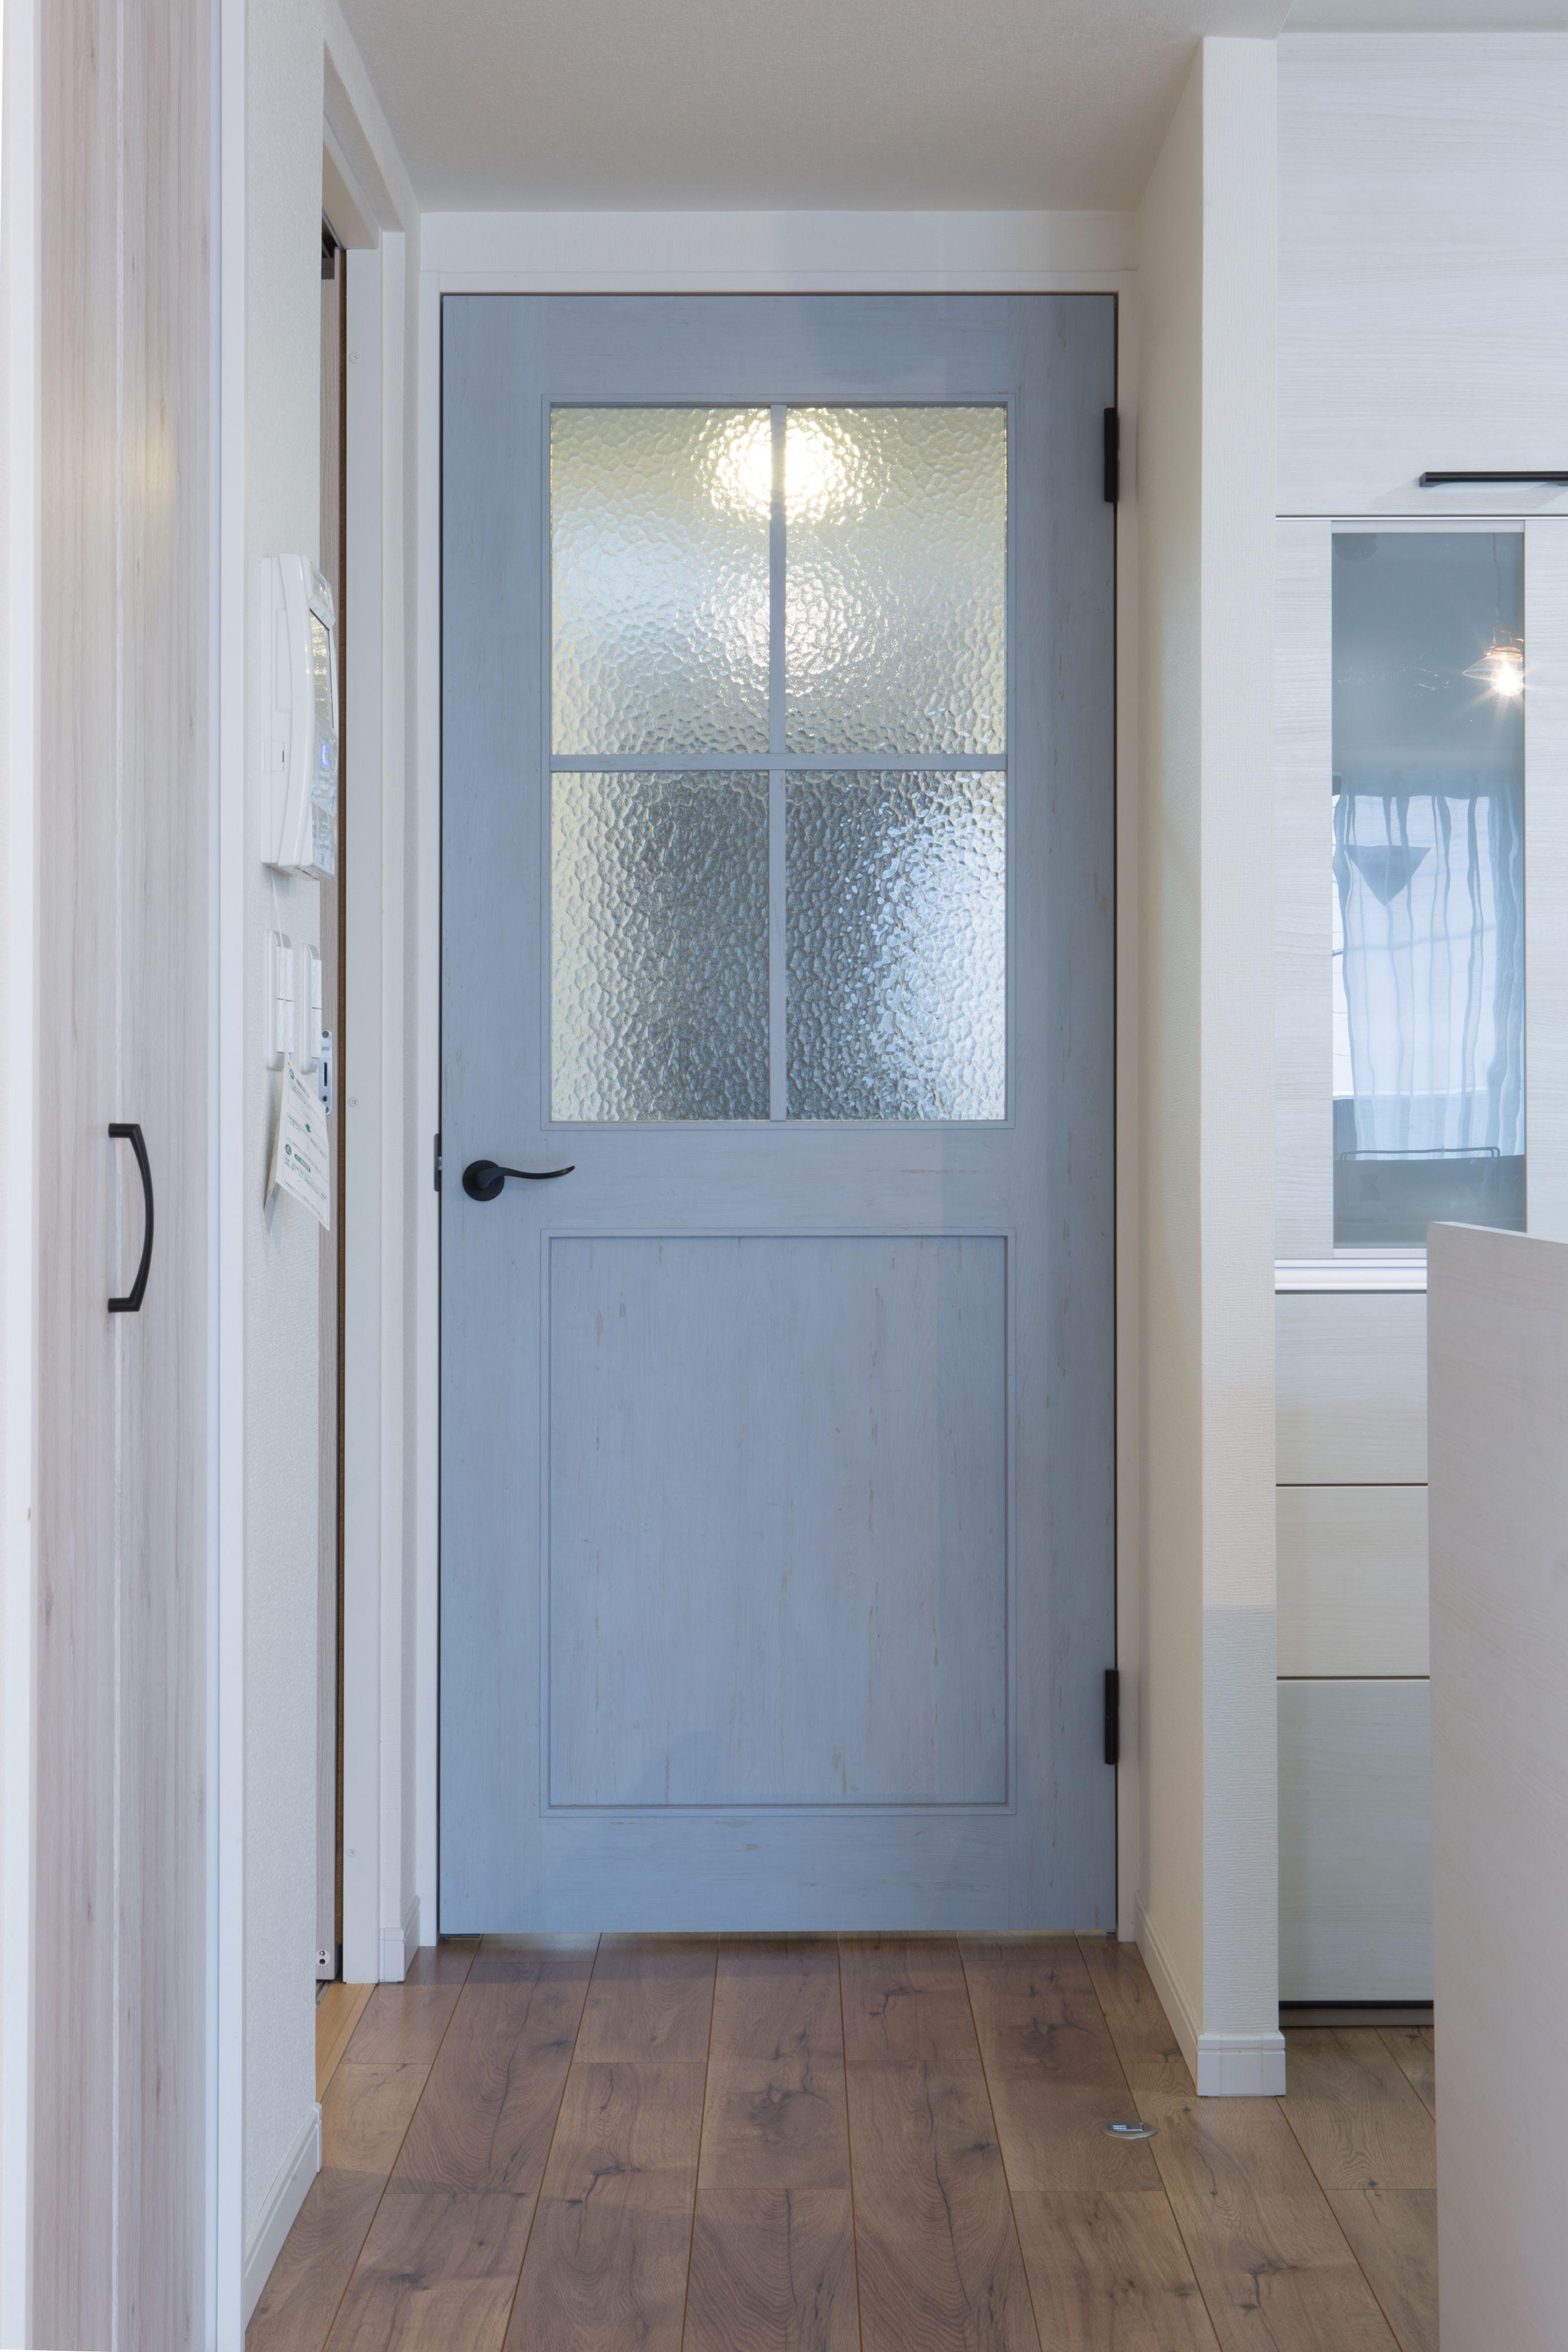 リノベーションで西海岸風な家 施工事例 お客様の声 おしゃれ ドア